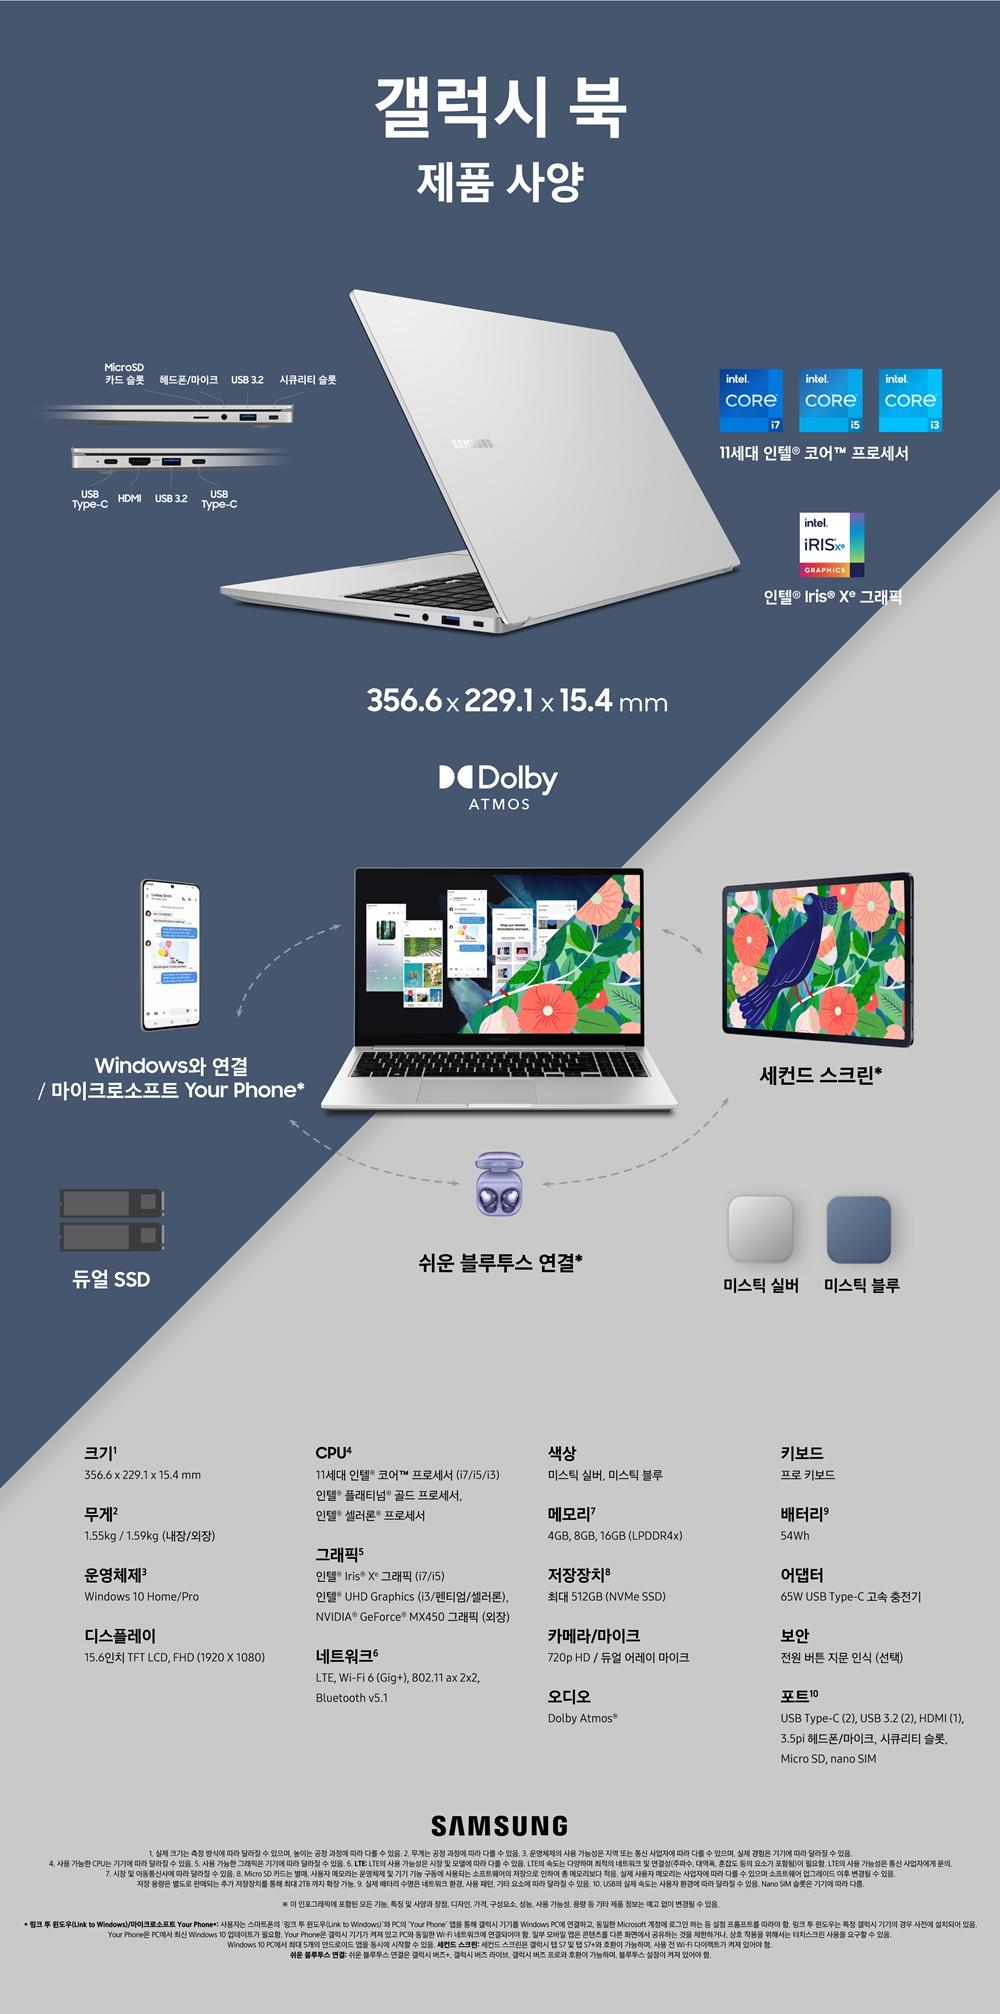 갤럭시 북 제품 사양 MicroSD 카드 슬롯 헤드폰/마이크 USE 3.2 시큐리티 슬롯 USB Type-C HDMI USB 3.2 USB Type-C Intel CORE i7 / i5 / i3 11세대 인텔 코어TM 프로세서 인텔 IriS X 그래픽 356.6x229.1x15.4mm Dolby ATMOS Windows와 연결 마이크로소프트 Your Phone 세컨드 스크린 듀얼 SSD 쉬운 블루투스 연결 미스틱 실버 미스틱 블루 크기 356.6x229.1x15.4mm 무게 1.55kg/1.59kg (내장/외장) 운영체제 windows 10home/pro 디스플레이 15.6인치 TFT LCD, FHD(1920x1080) CPU 11세대 인텔 코어TM 프로세서(i7/i5/i3) 인텔 플래티넘 골드 프로세서 인텔 셀러론 프로세서 그래픽 인텔 IriS X 그래픽(i7/i5) 인텔 UHD Graphic (i3/펜티엄/셀러론) NVDIA GeForce MX450 그래픽(외장) 네트워크 LTE, Wi-Fi 6(Gig+) 802.11 ax 2x2 Bluetooth v5.1 색상 미스틱 실버, 미스틱 블루 메모리 4GB, 8GB, 16GB (LPDDR4x) 저장장치 최대 512GB(NVMe SSD) 카메라/마이크 720p HD / 듀얼 어레이 마이크 오디오 Dolby Atmos 키보드 프로 키보드 배터리 54wh 어댑터 65W USB Type-C 고속 충전기 보안 전원 버튼 지문 인식(선택) 포트 USB Type-C(2) USB 3.2(2) HDMI(1) 3.5pi 헤드폰/마이크, 시큐리티 슬롯, Micro SD Nano SIM SAMSUNG 1. 실제 크기는 측정 방식에 따라 달라질 수 있으며, 높이는 공정과정에 따라 다를 수 있음 2. 무게는 공정 과정에 따라 다를 수 있음 3. 운영체제의 사용 가능성은 지역 또는 통신 사업자에 따라 다를 수 있으며, 실제 경험은 기기에 따라 다를 수 있음 4. 사용 가능한 CPU는 기기에 따라 달라질 수 있음 5. 사용 가능한 그래픽은 기기에 따라 달라질 수 있음 6. LTE: LTE의 사용 가능성은 시장 및 모델에 따라 다를 수 있음. LTE의 속도는 다양하며 최적의 네트워크 및 연결성(주파수, 대역폭, 혼잡도 등의 요소가 포함됨)이 필요함. LTE의 사용 가능성은 통신 사업자에게 문의. 7. 시장 및 이동통신사에 따라 달라질 수 있음. 8 Micro SD 카드는 별매. 사용자 메모리는 운영체제 및 기기 기능 구동에 사용되는 소프트웨어의 저장으로 인하여 총 메모리보다 적음. 실제 사용자 메모리는 사업자에 따라 다를 수있음. Nano SIM 슬롯은 기기에 따라 다름. *이 인포그래픽에 포함된 모든 기능, 특징 및 사양과 장점, 디자인, 가격, 구성요소, 성능, 사용 가능성, 용량 등 기타 제품 정보는 예고없이 변경될 수 있음 *링크 투 윈도우(Link to Windows)/ 마이크로소프트 Youre Phone*: 사용자는 스마트폰의 링크 투 윈도우(Link to Windows)와 PC의 Youre Phone 앱을 통해 갤럭시 기기를 Windows PC에 연결하고, 동일한 Microsoft 계정에 로그인 하는 등 설정 프롬포트를 따라야 함. 링크 투 윈도우는 특정 갤럭시 기기의 경우 사전에 설치되어 있음. Youre Phone은 PC에서 최신 Windows 10 업데이트가 필요함. Youre Phone은 갤럭시 기기가 켜져 있고 PC와 동일한 Wi-Fi 네트워크에 연결되어야 함. 일부 모바일 앱은 콘텐츠를 다른 화면에서 공유하는 것을 제한하거나, 상호 작용을 위해서는 터치스크린 사용을 요구할 수 있음. Windows 10 PC에서 최대 5개의 안드로이드 앱을 동시에 시작할 수 있음. 세컨드 스크린: 세컨드 스크린은 갤럭시 탭 S7 및 탭 S7+와 호환이 가능하며, 사용 전 Wi-Fi 다이렉트가 켜져 있어야 함. 쉬운 블루투스 연결: 쉬운 블루투스 연결은 갤럭시 버즈+, 갤럭시 버즈 라이브, 갤럭시 버즈 프로와 호환이 가능하며, 블루투스 설정이 켜져 있어야 함.